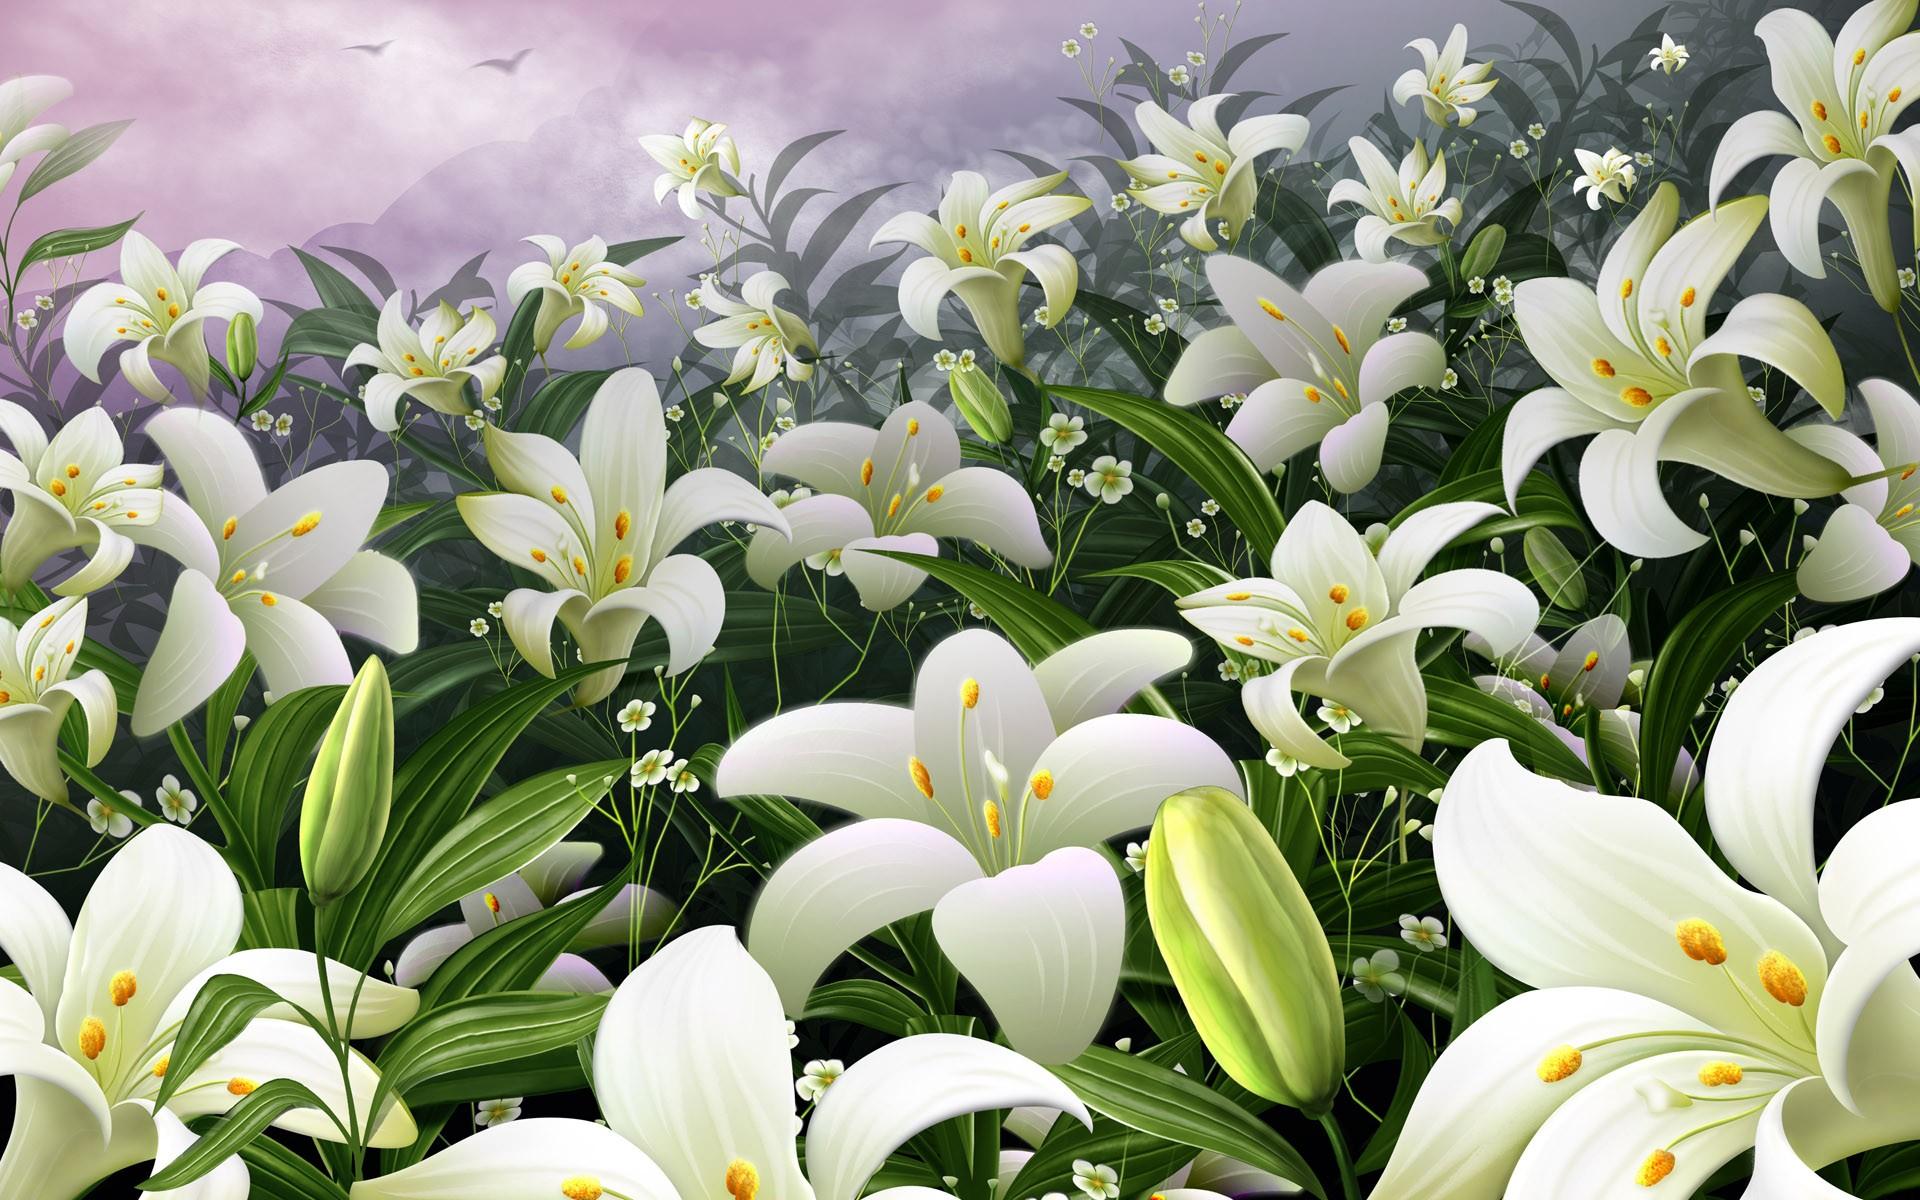 белые или цветы лилии картинки для рабочего стола обои христианский крест